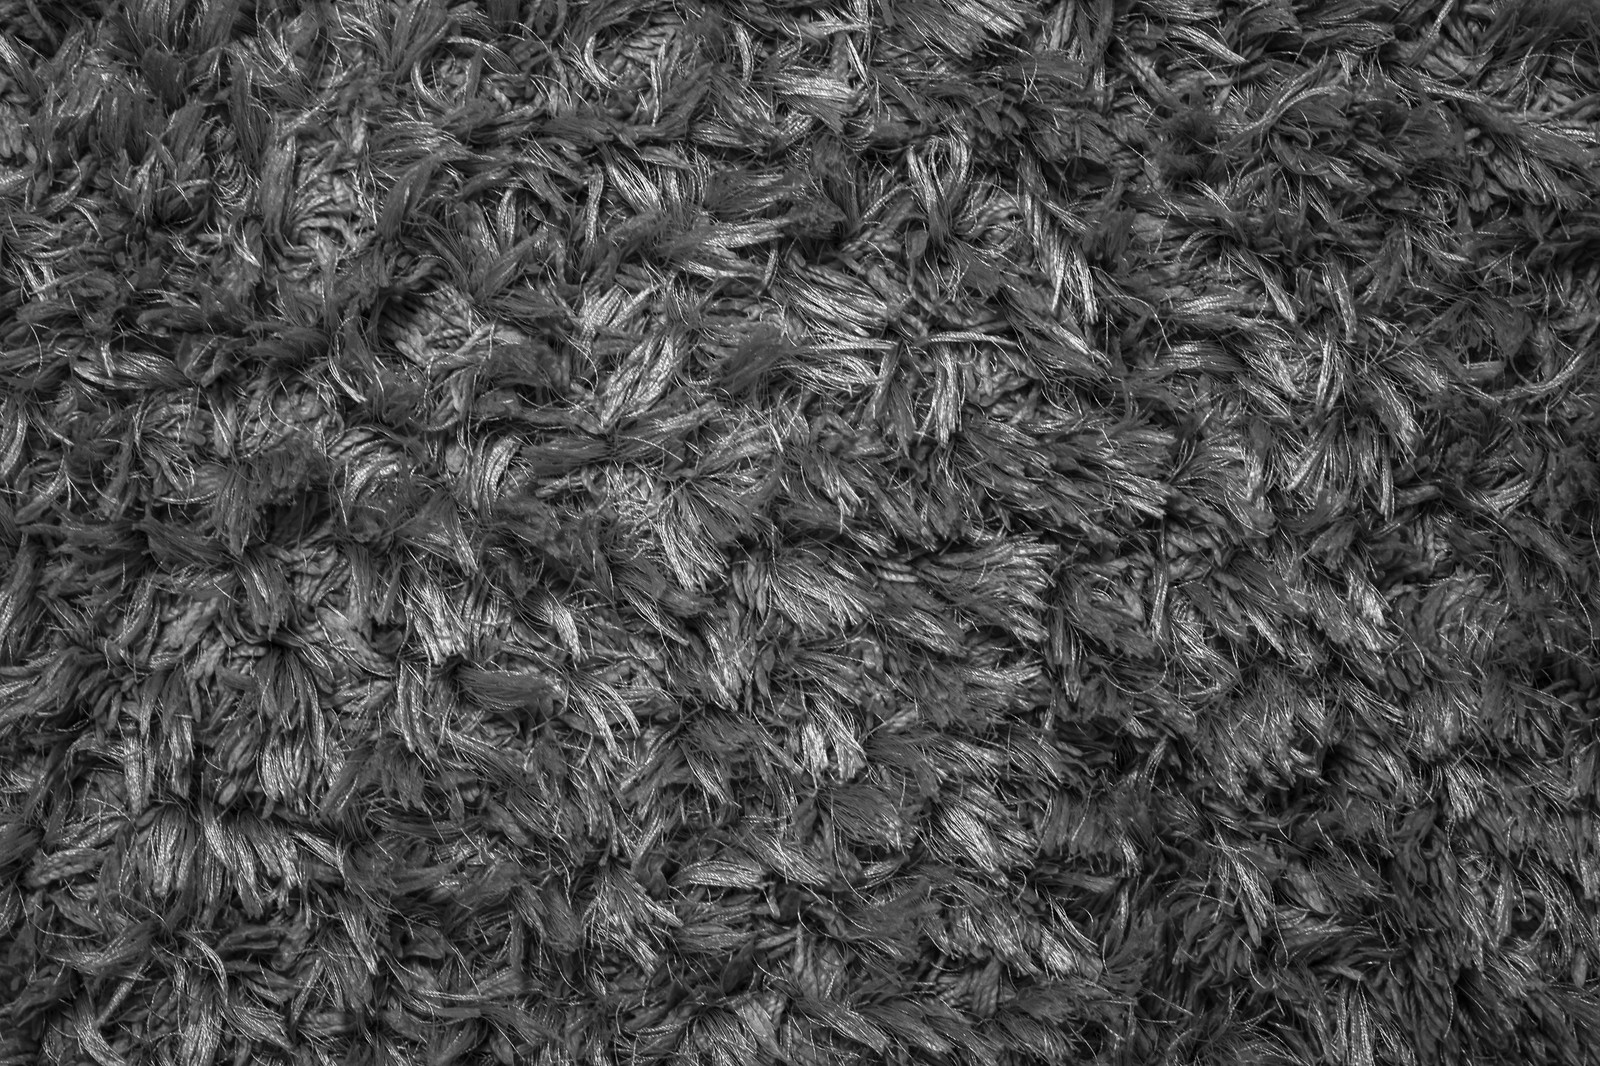 「モノクロの絨毯(テクスチャー)モノクロの絨毯(テクスチャー)」のフリー写真素材を拡大